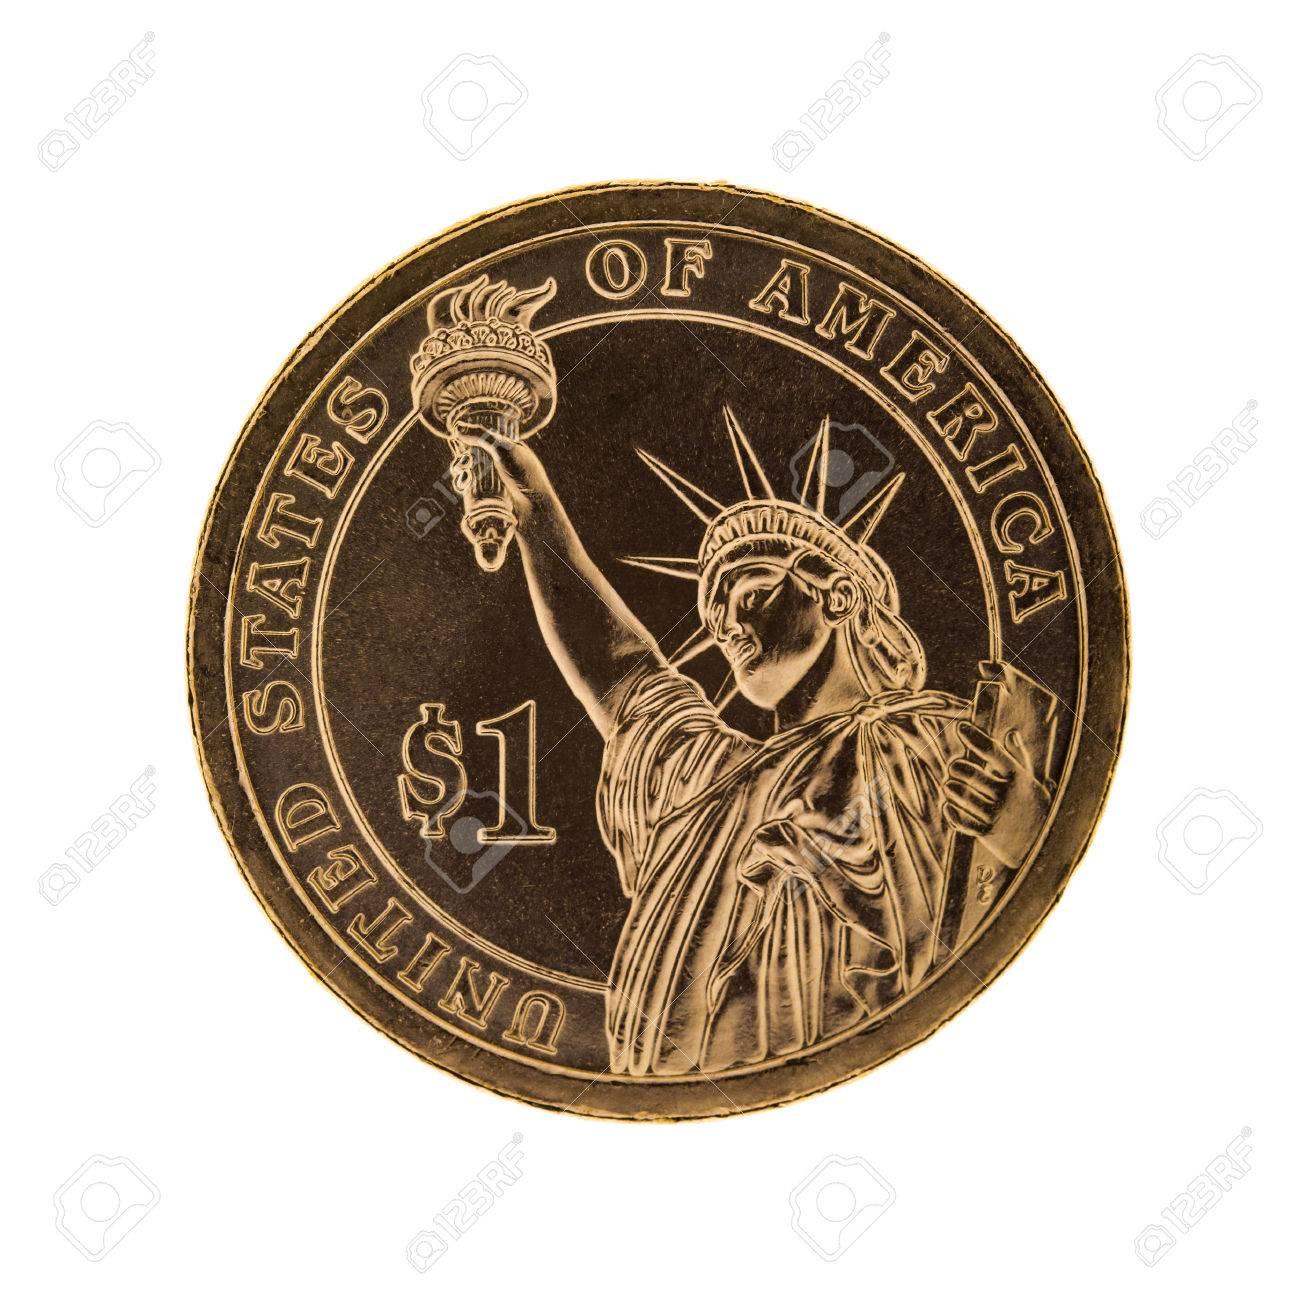 Einem Dollar Münze Freiheitsstatue Isoliert Auf Weißem